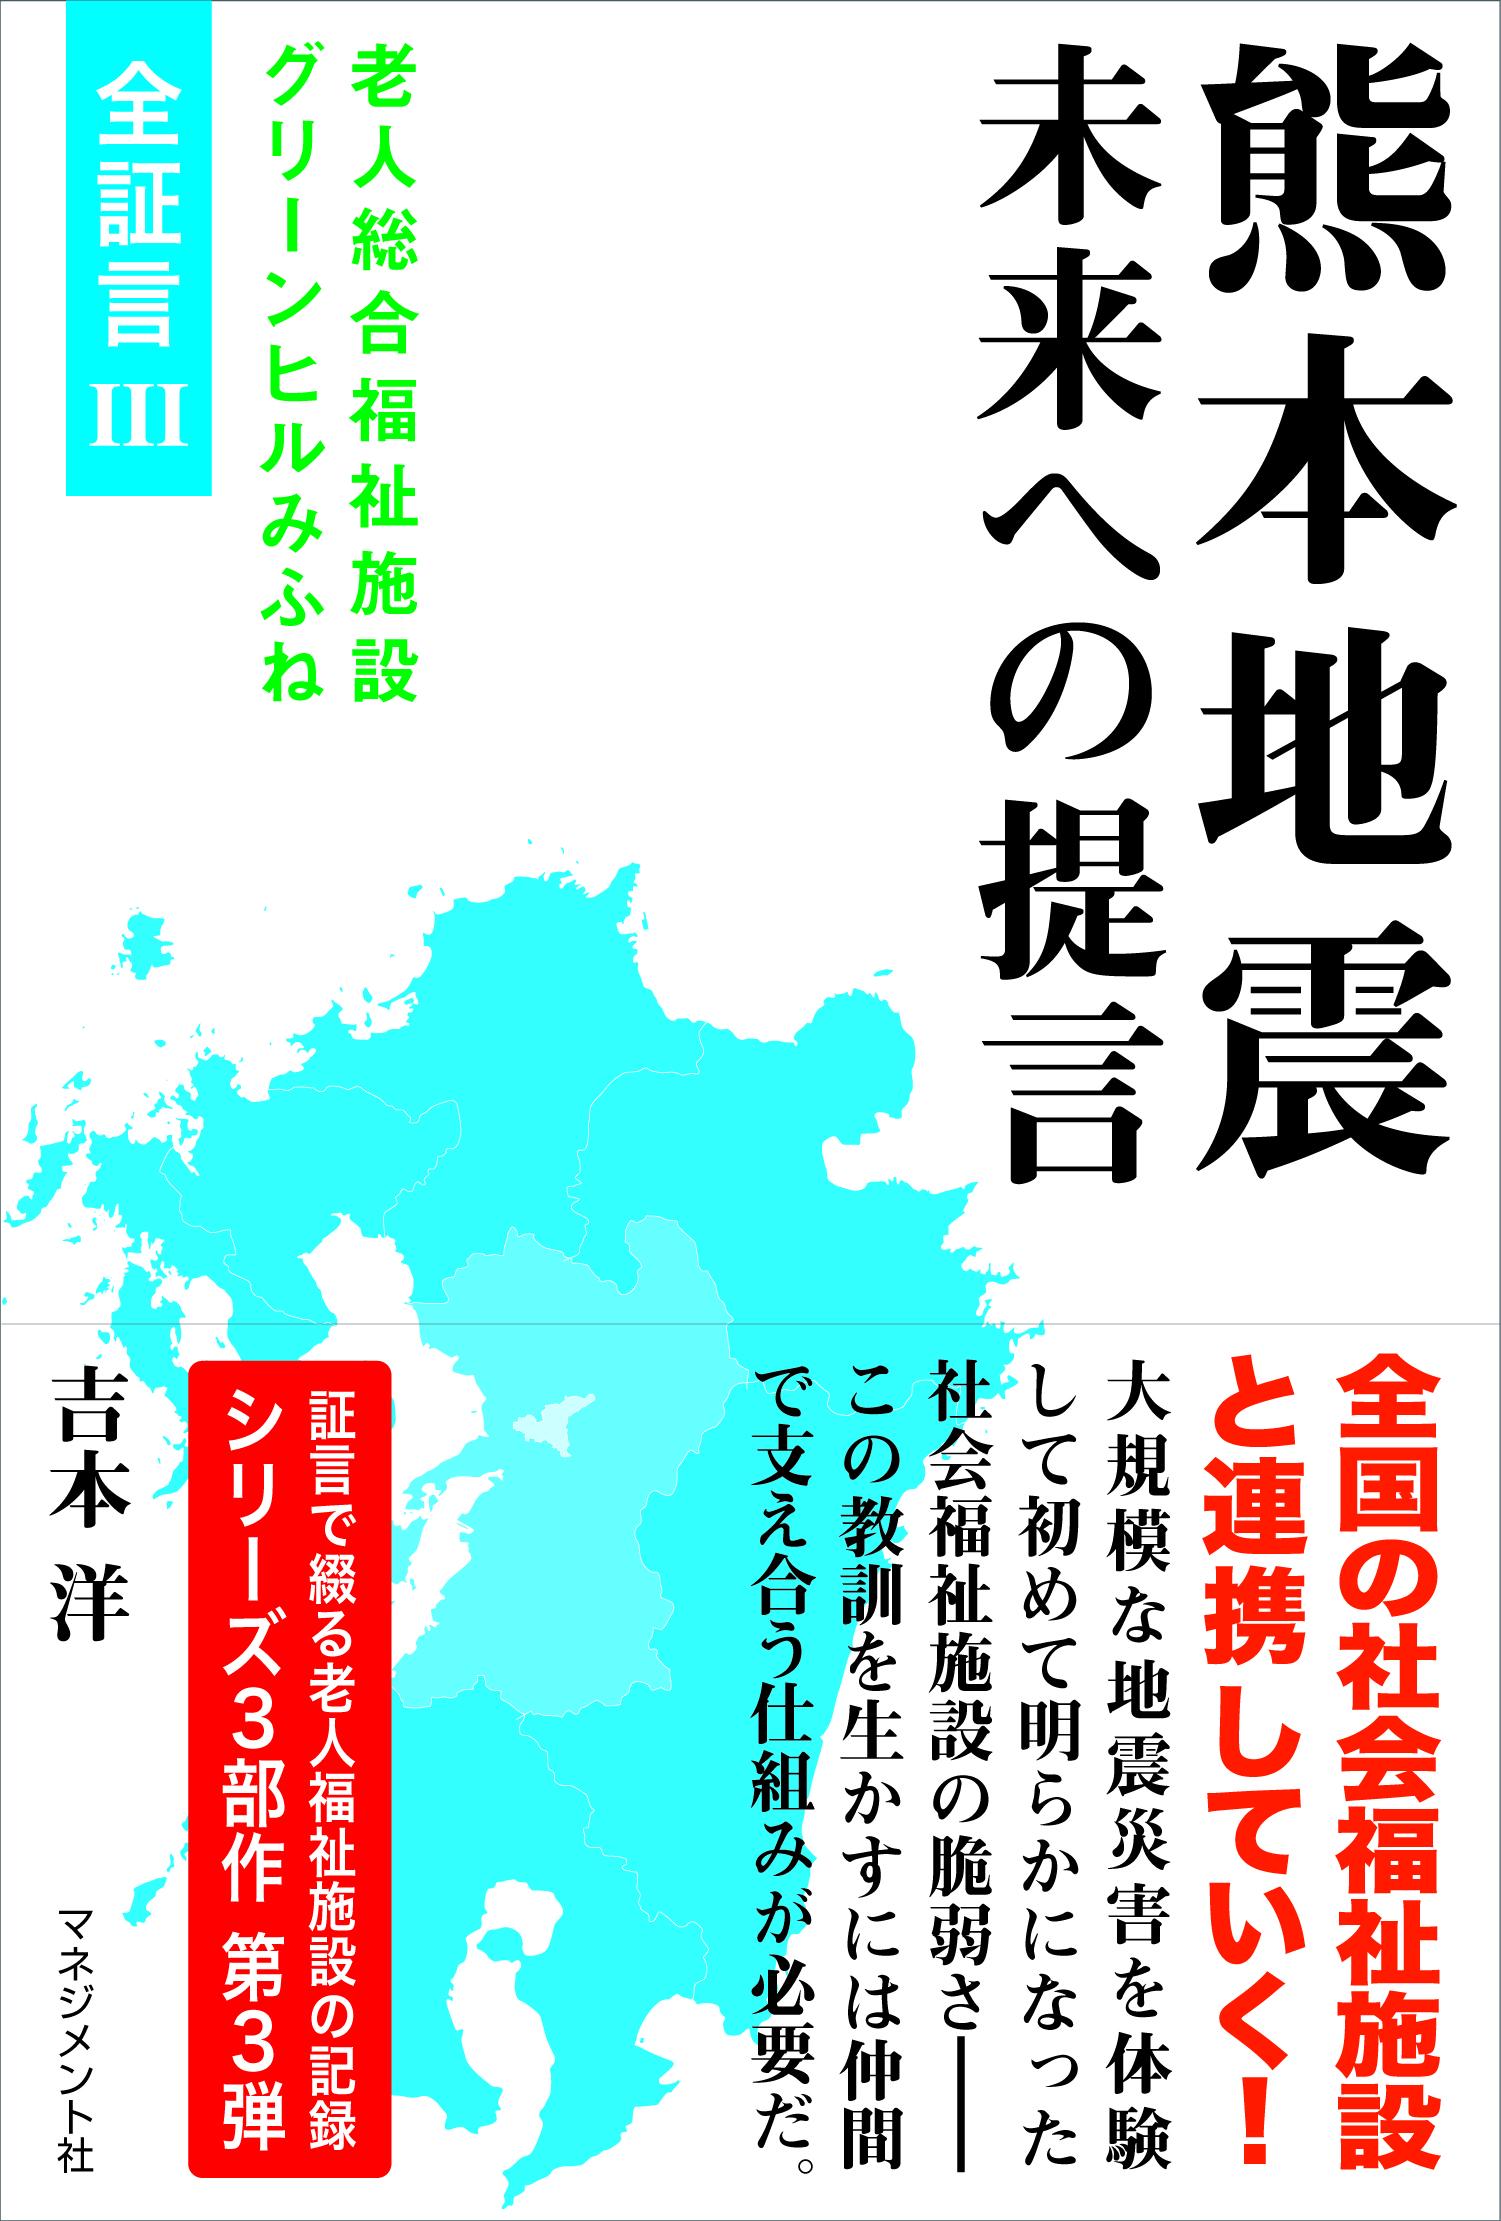 『熊本地震 未来への提言 老人総合福祉施設グリーヒルみふね 全証言Ⅲ』